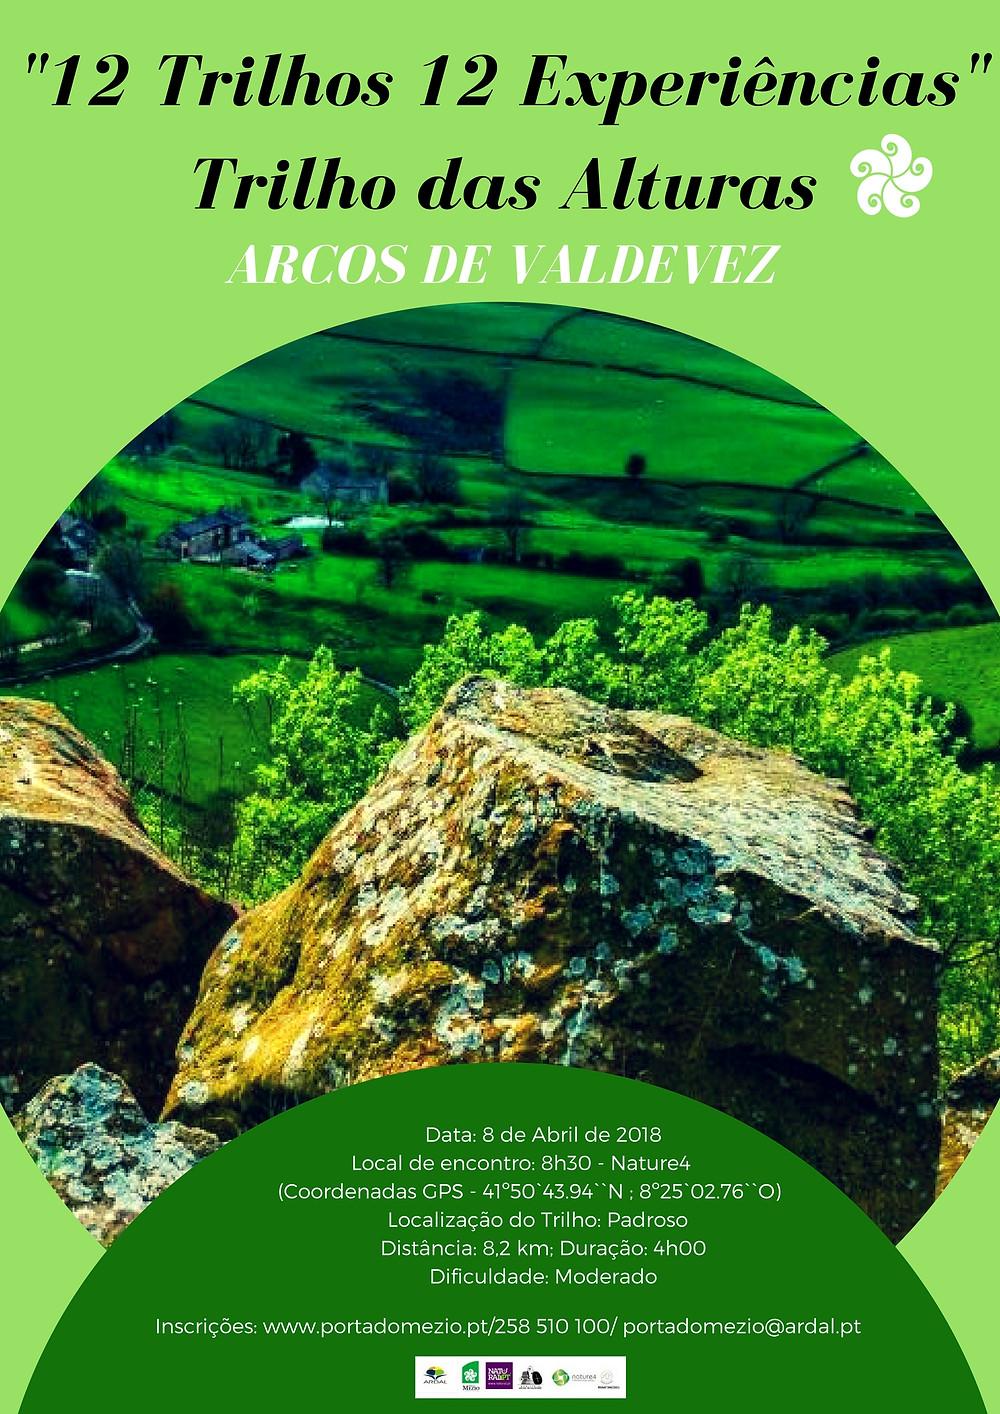 Trilho das Alturas | Arcos de Valdevez | Peneda Gerês TV